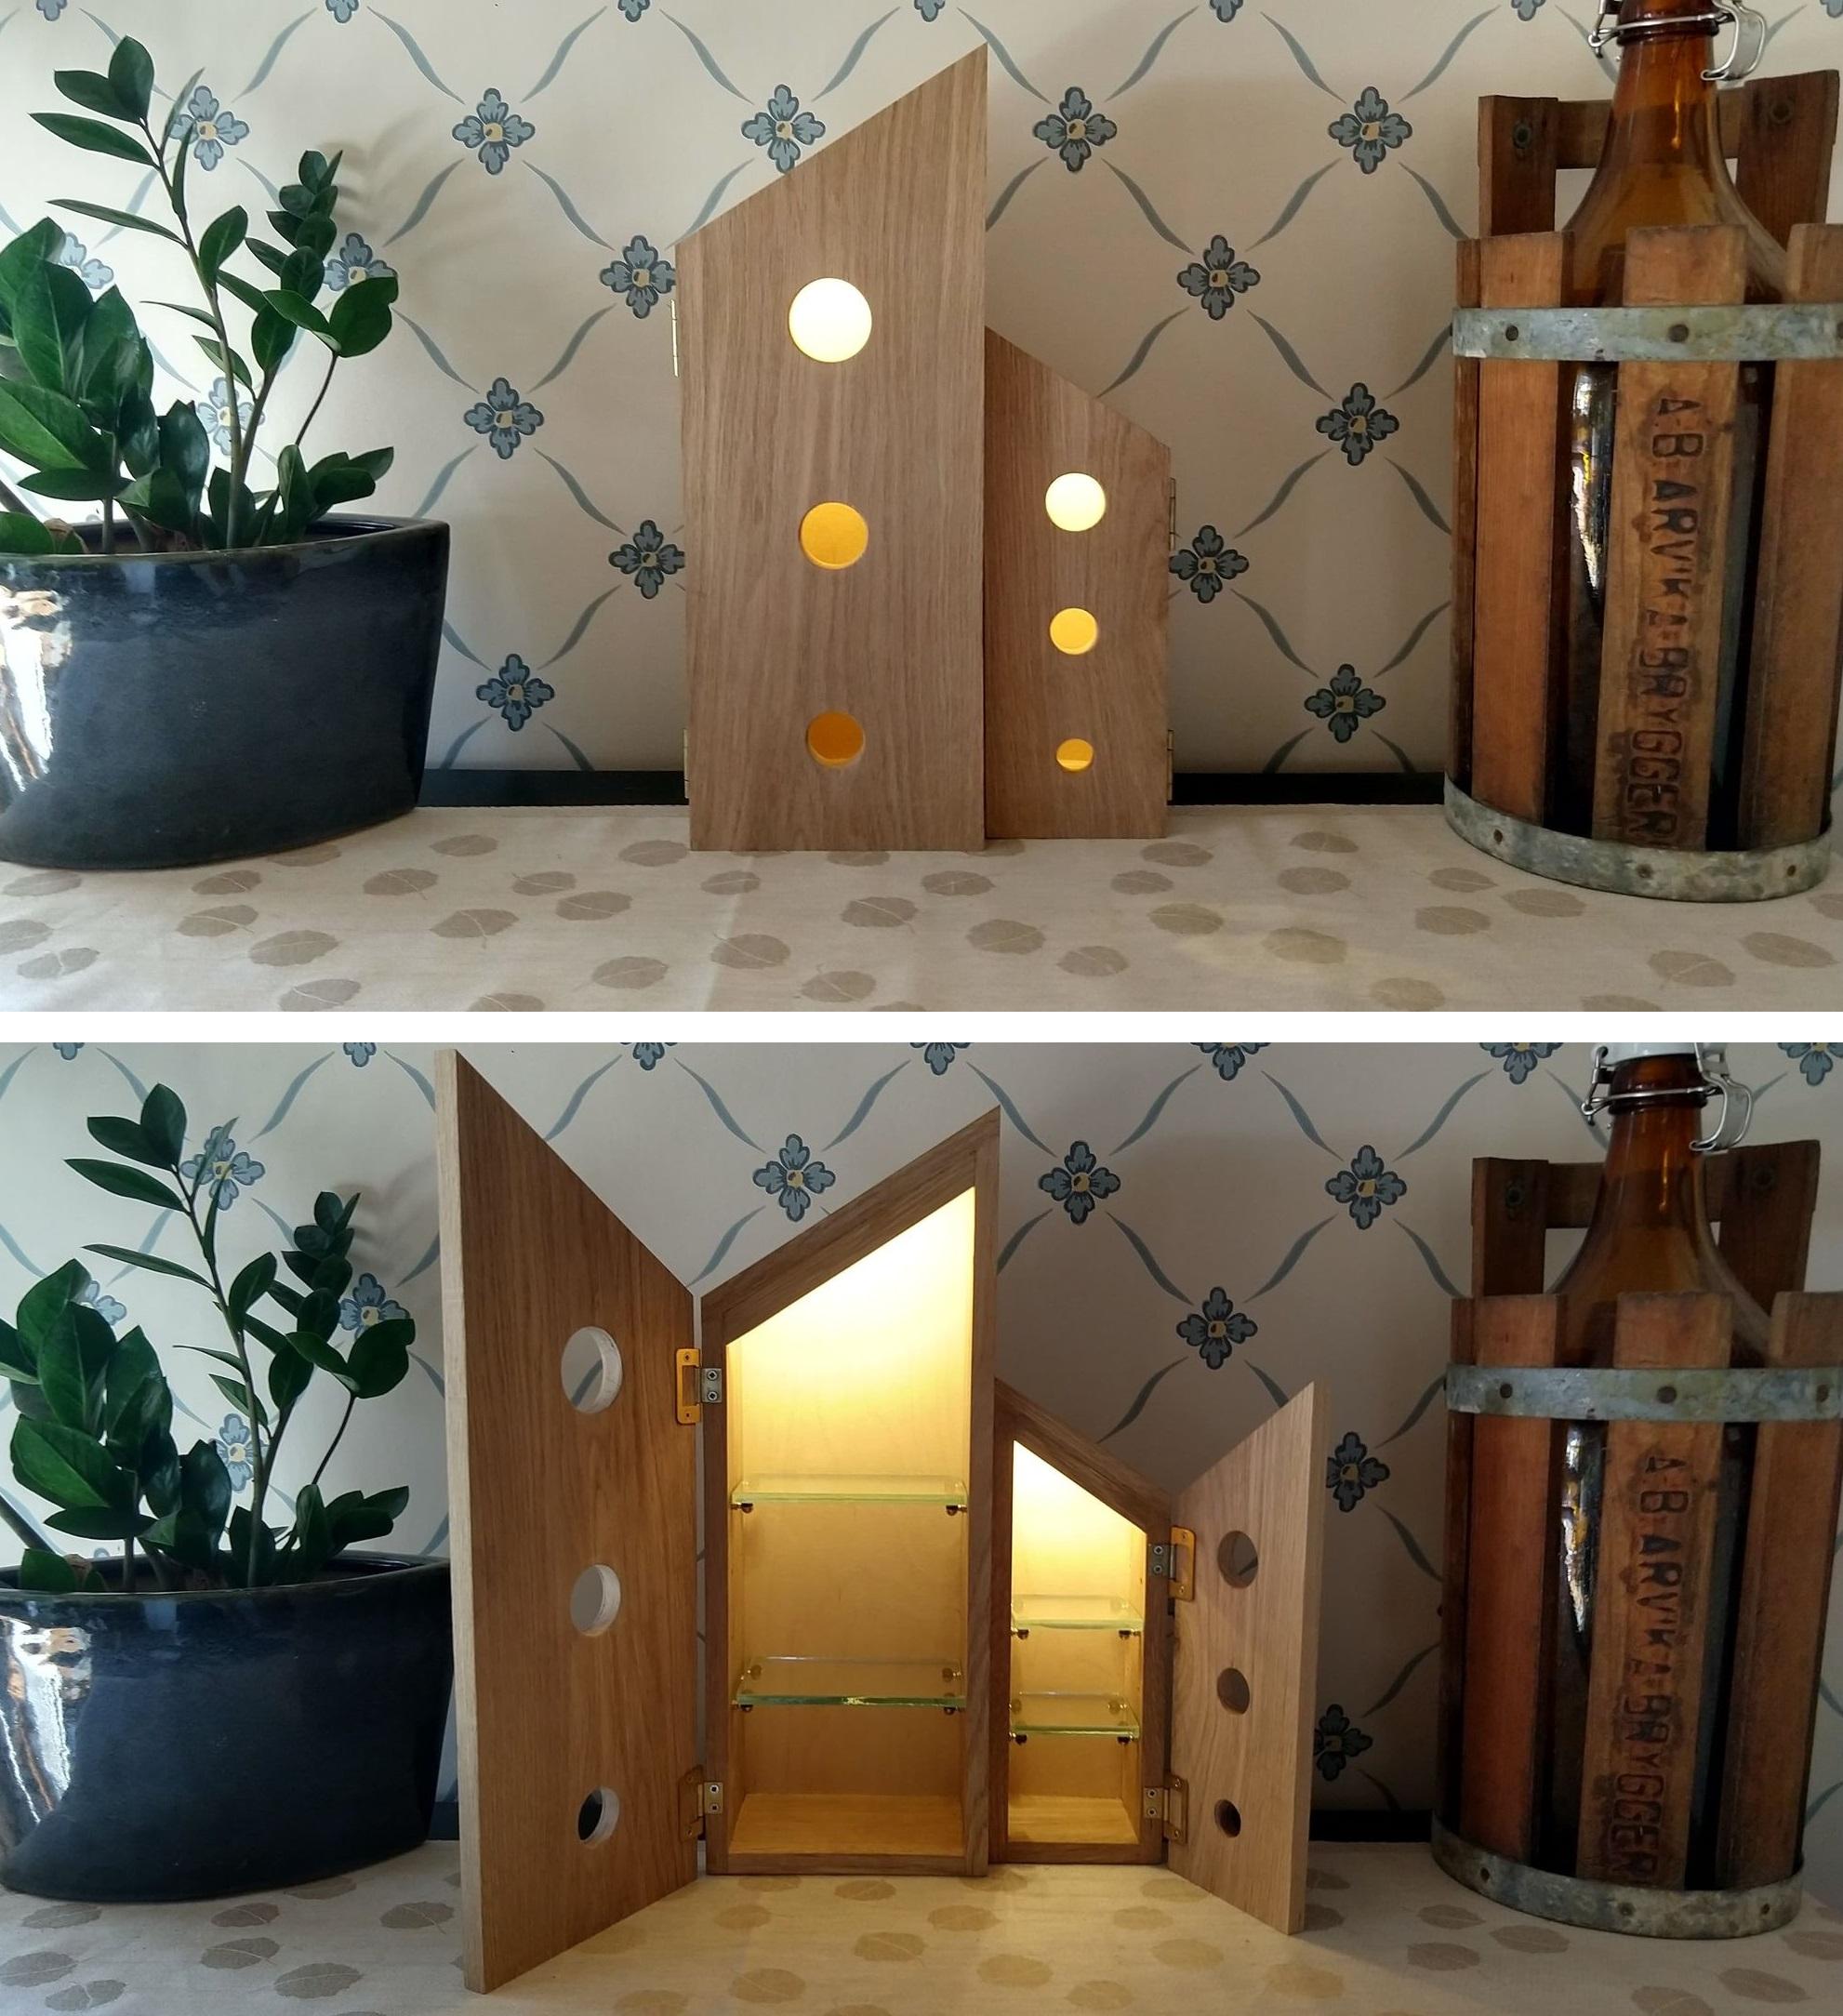 Skåp:Trädskåp i ek bestående av två delar med snedtak. Den ena delen är en kopia av den första med mindre i formatet och är spegelvänd. I luckorna på skåpet finns tre runda hål som går vertikalt och blir mindre och mindre desto längre ned deras placering är. Ur hålen strömmar ett varmt ljus. Inuti skåpen finns en dold ledslinga i taket som lyser upp insidan. Skåpen har två hyllplan av glas.